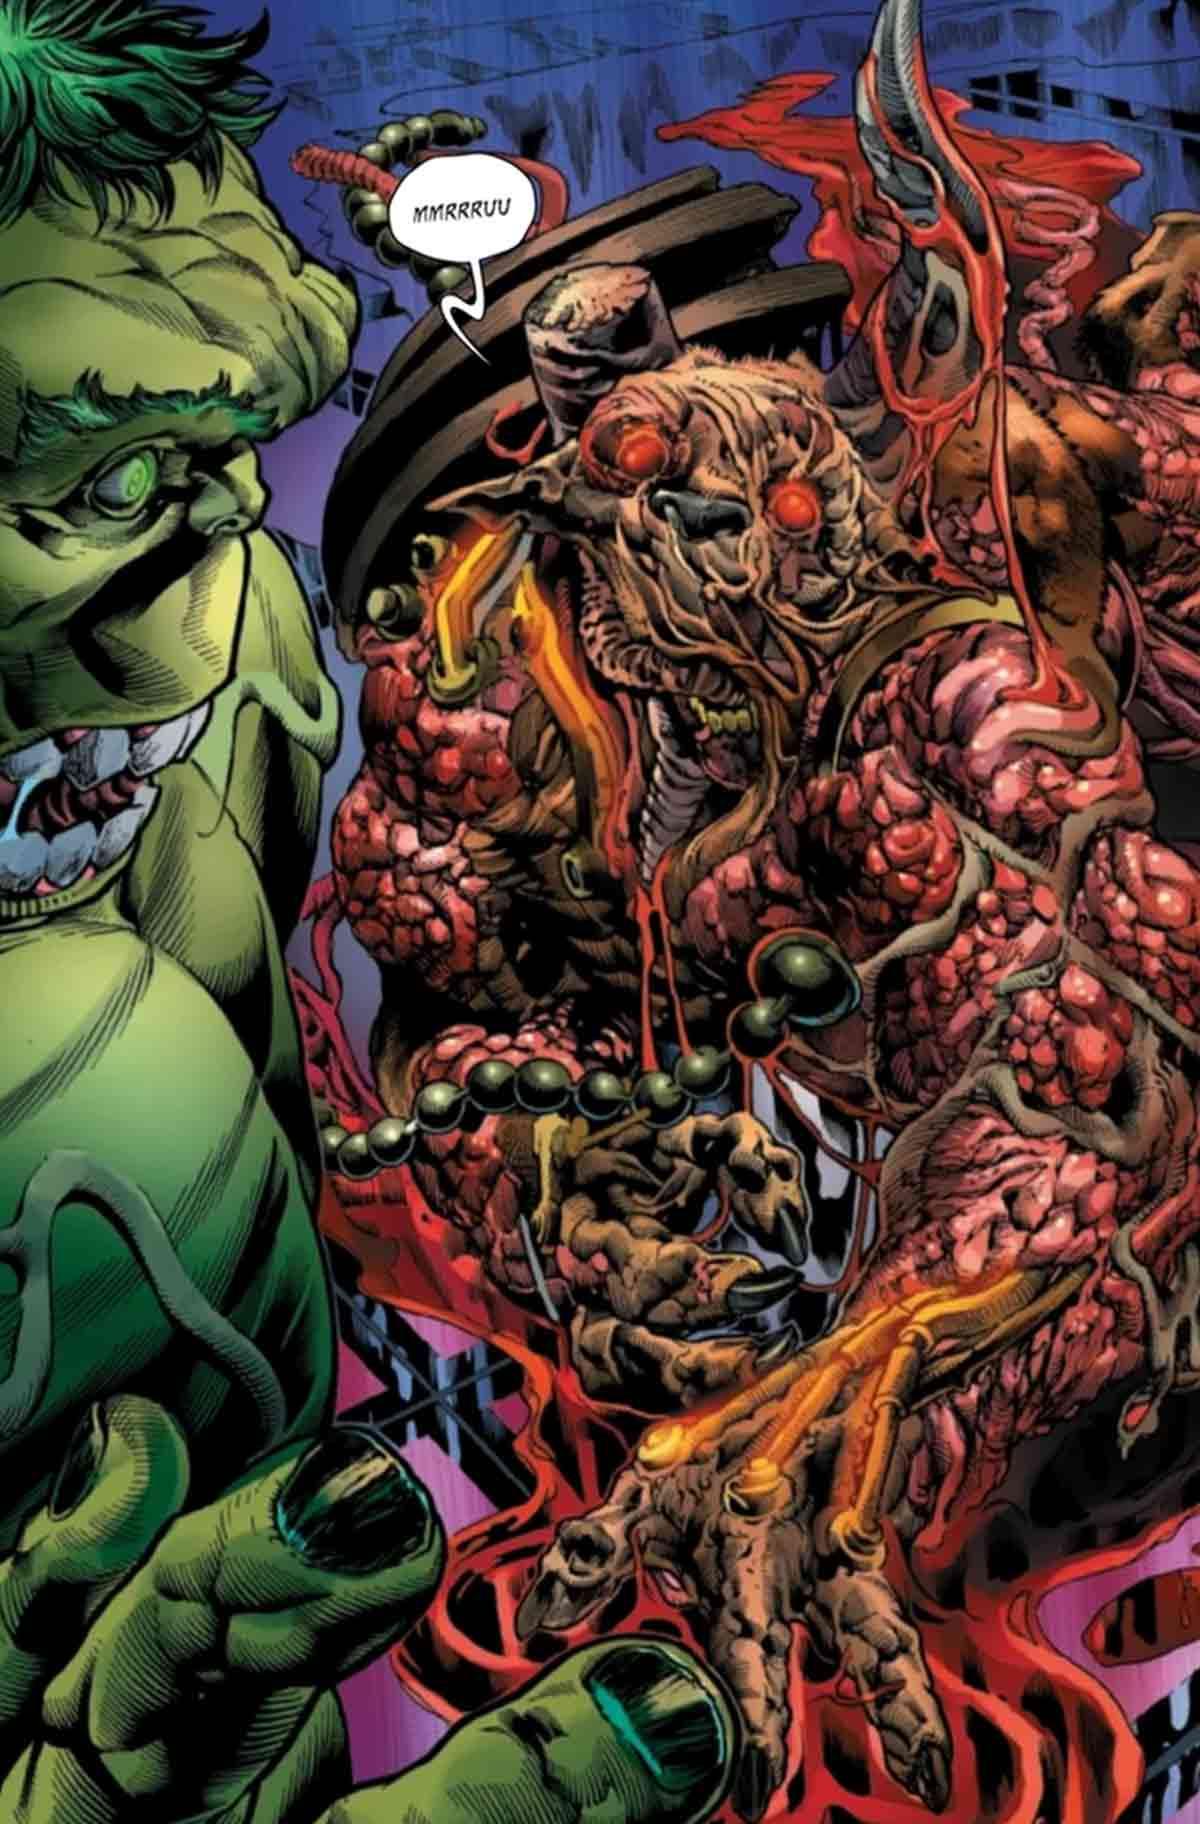 El Minotauro de Marvel se transforma en un ser abominable